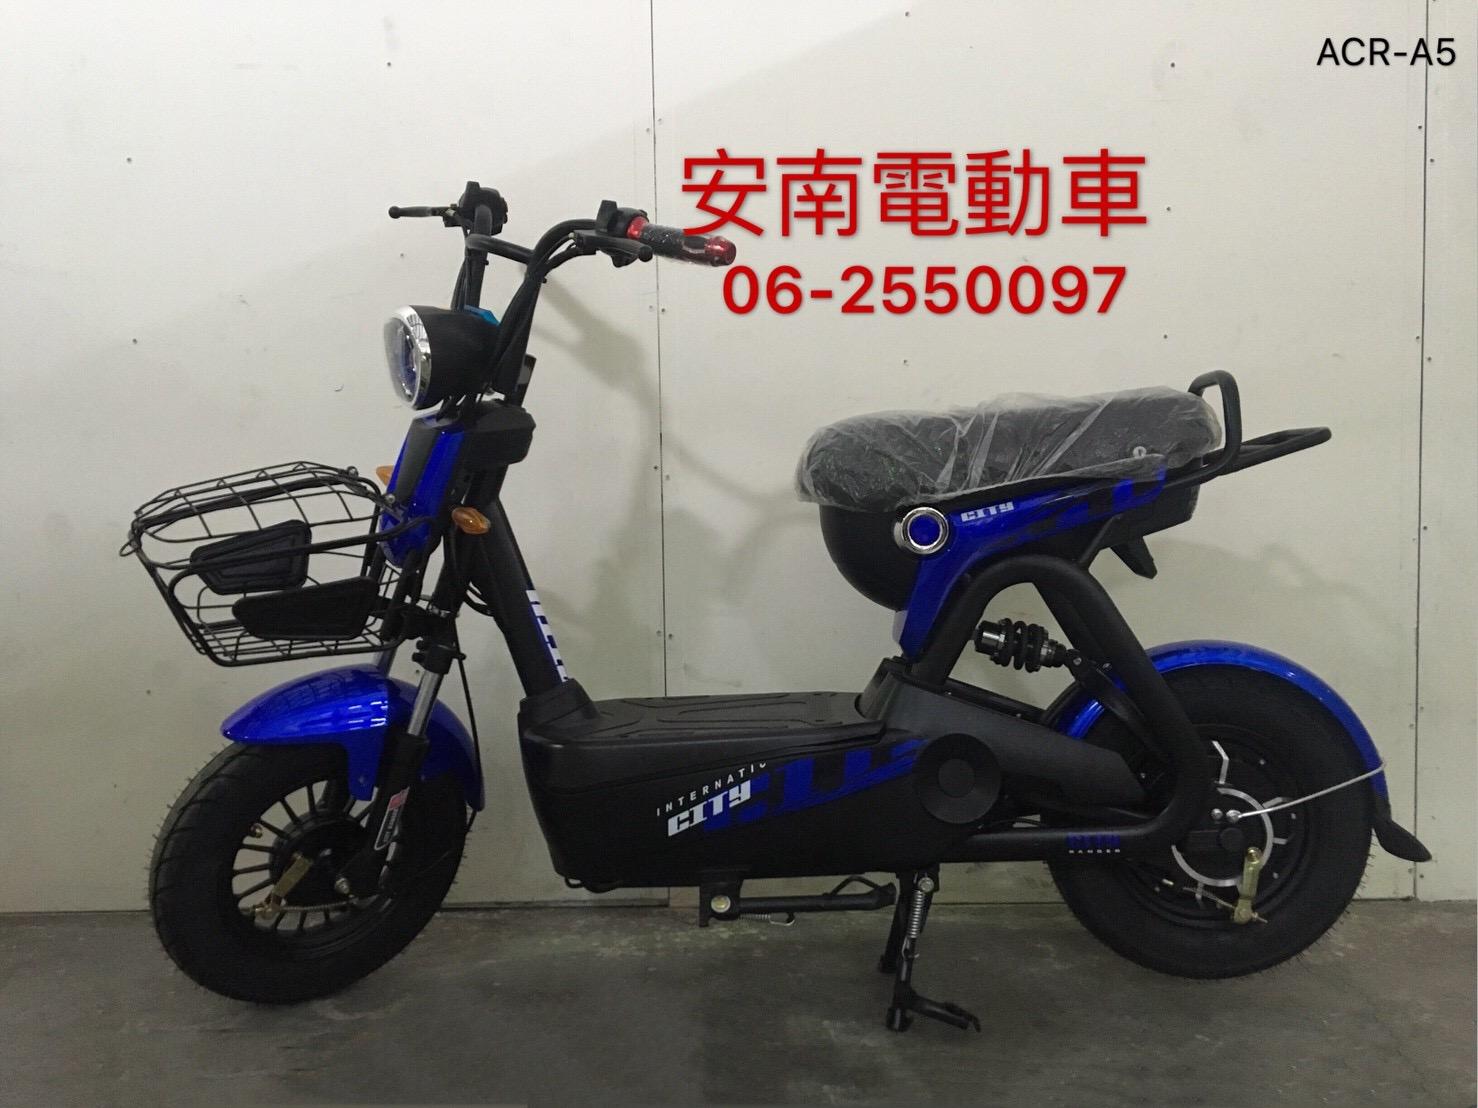 【安南電動車業】臺南電動車-臺南電動機車代步車-電動自行車腳踏車-四輪電動車-老人電動車-電動輪椅: ACR-A5